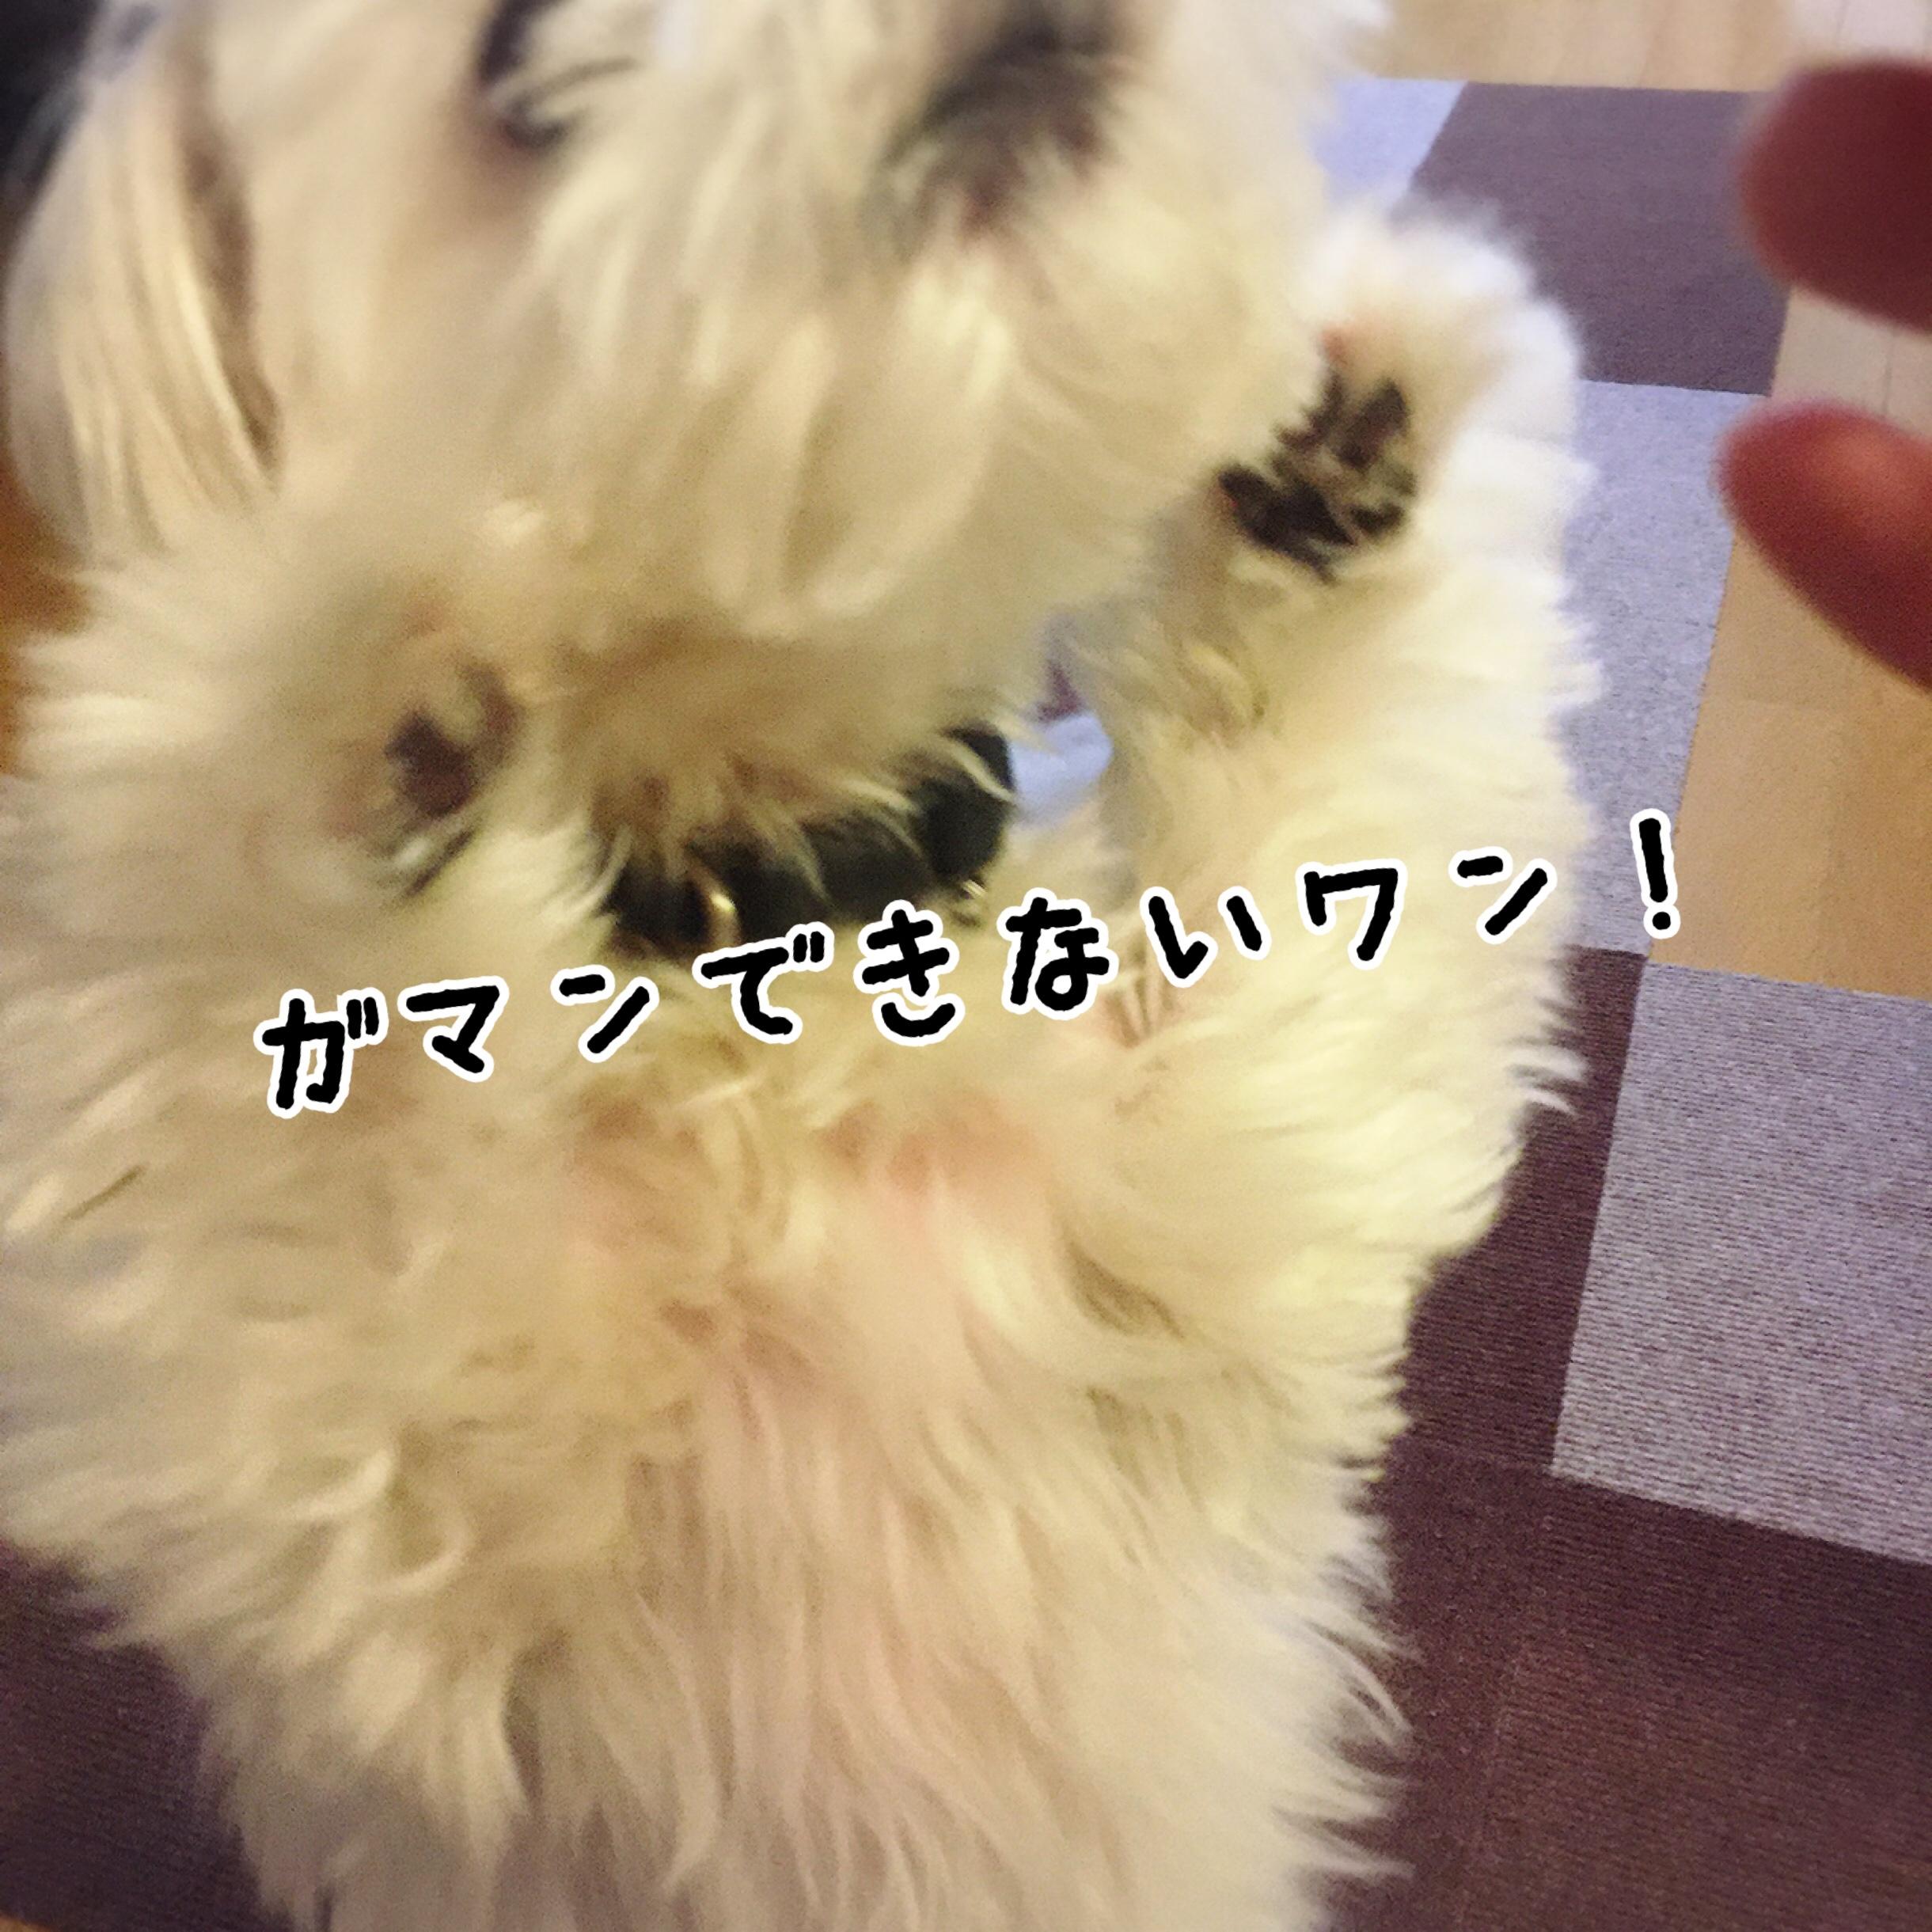 fc2blog_20170607203904bfa.jpg